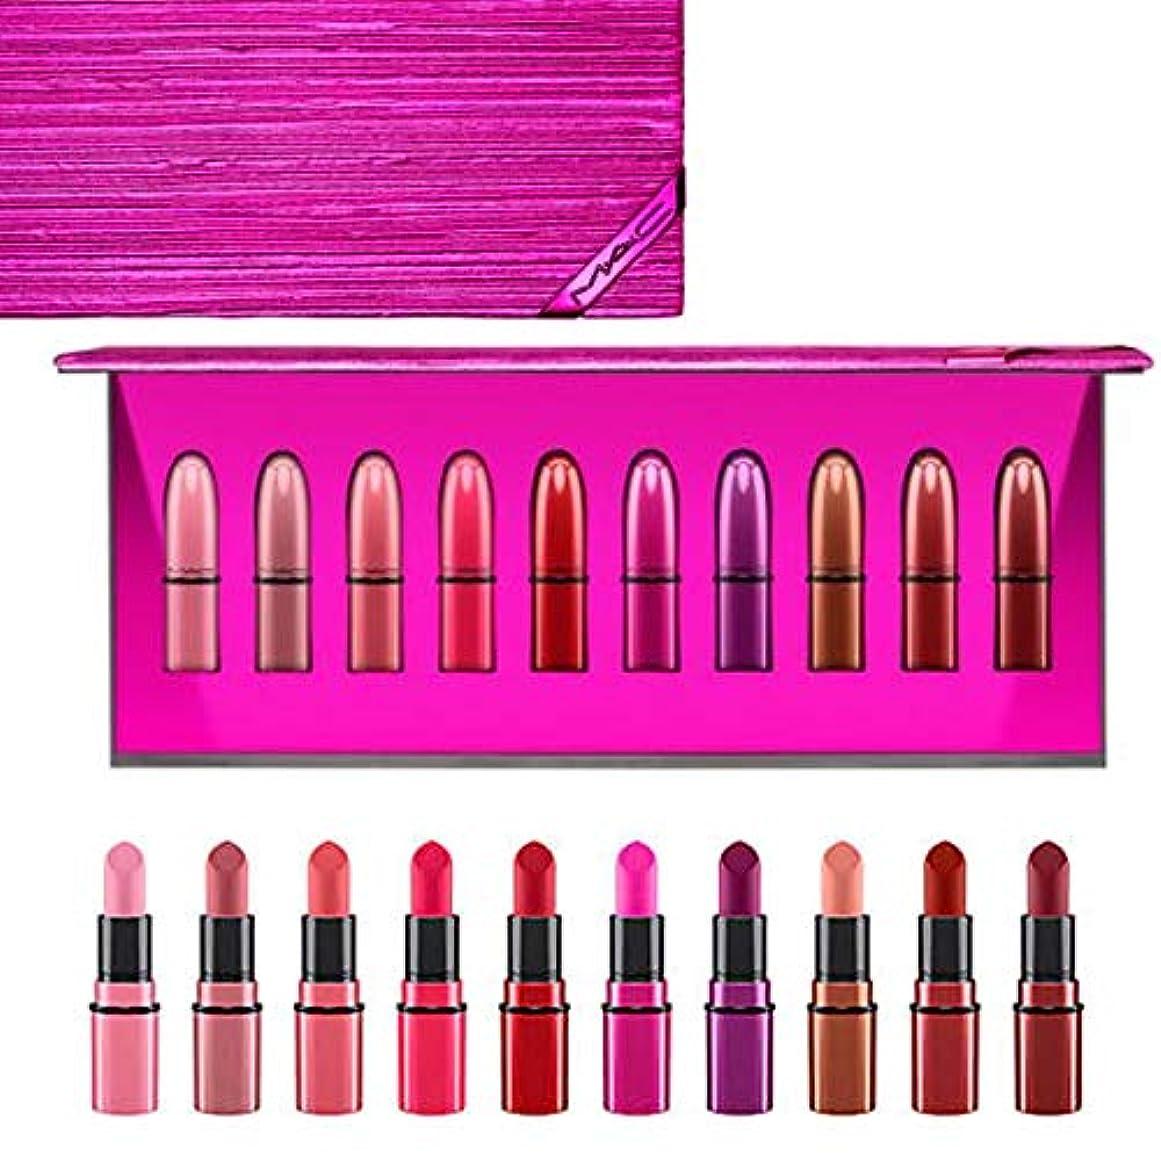 確認してくださいヒゲクジラギャンブルMAC?マック, Shiny Pretty Things Lip Kit,Mini Lipsticks 10/set [海外直送品] [並行輸入品]